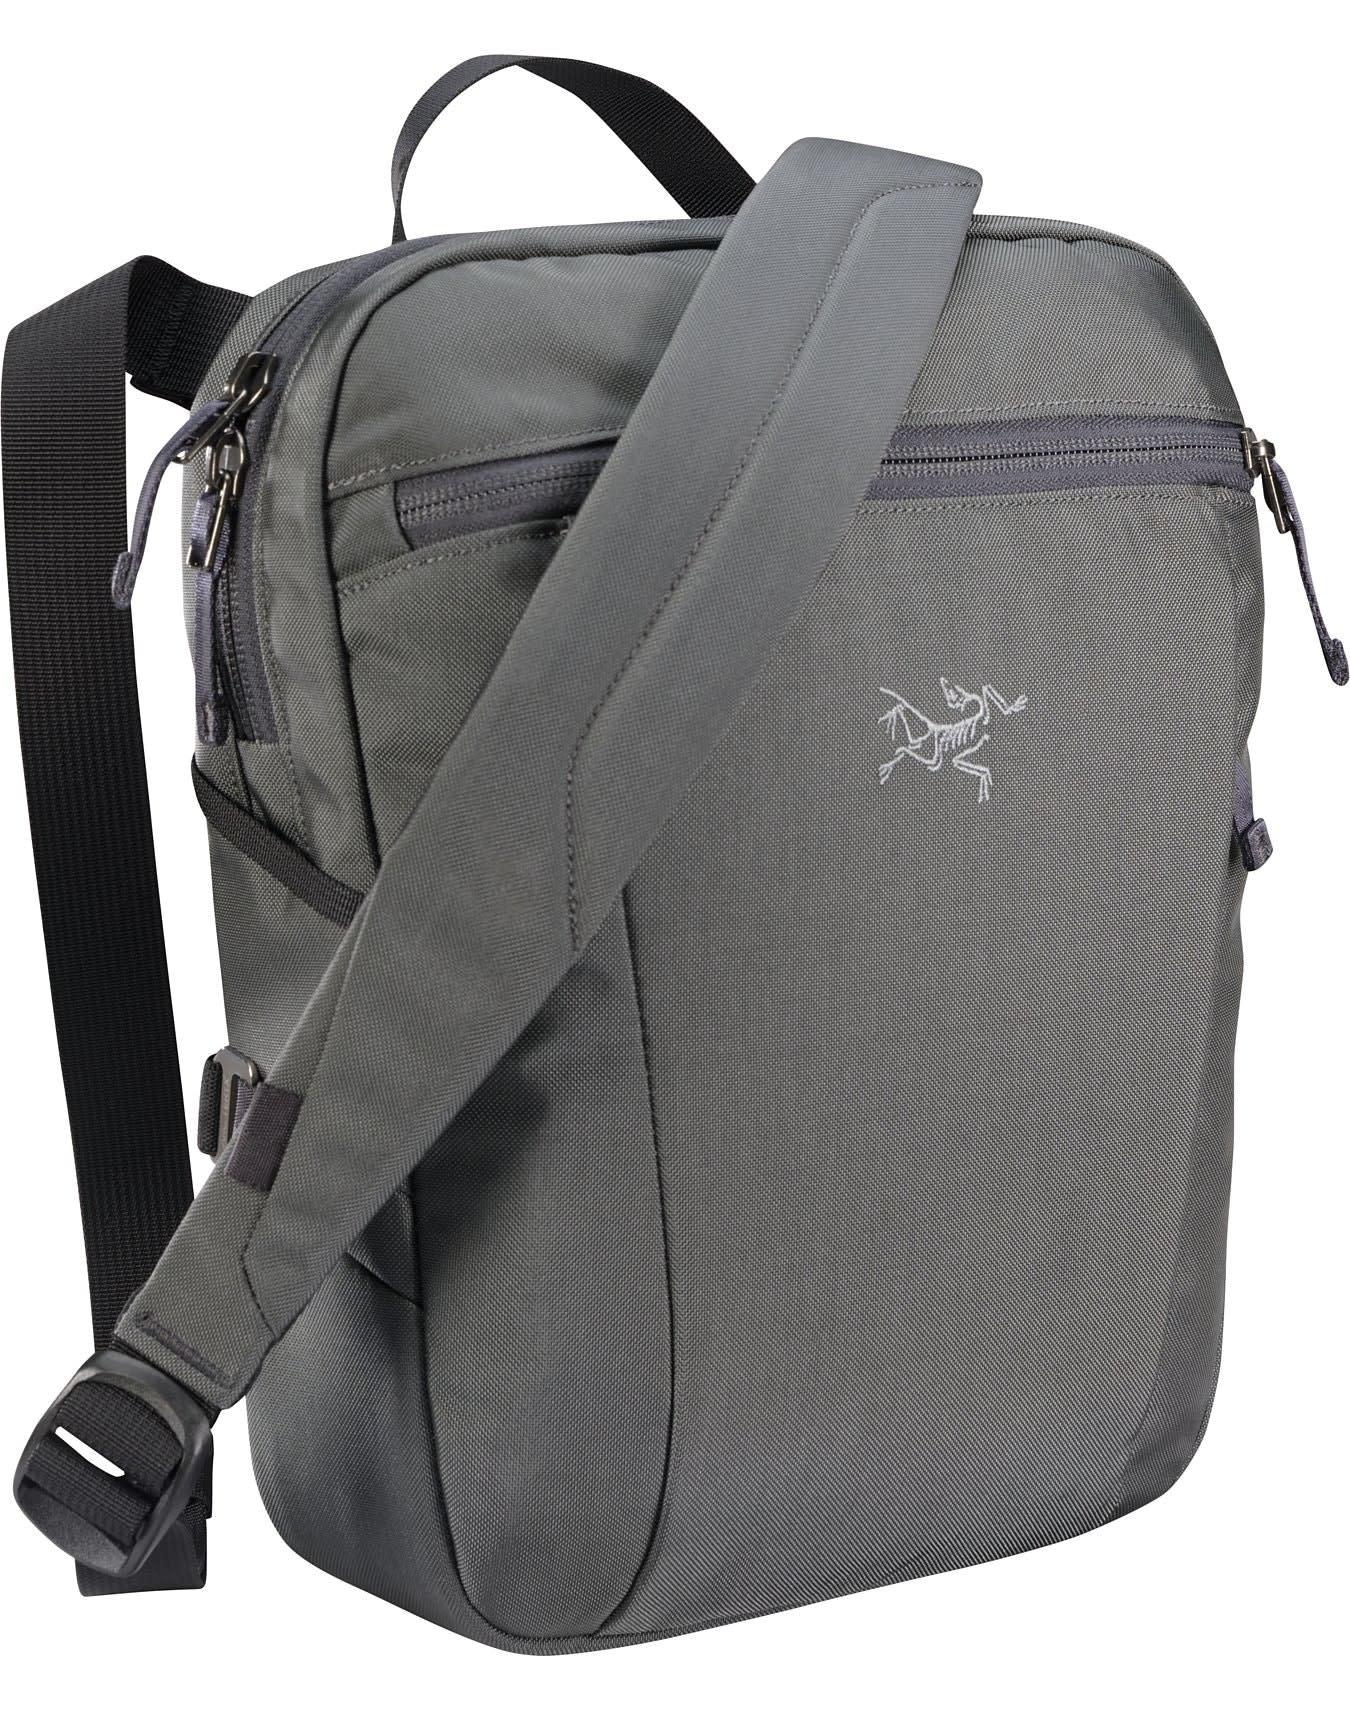 Slingblade 4 Shoulder Bag-2